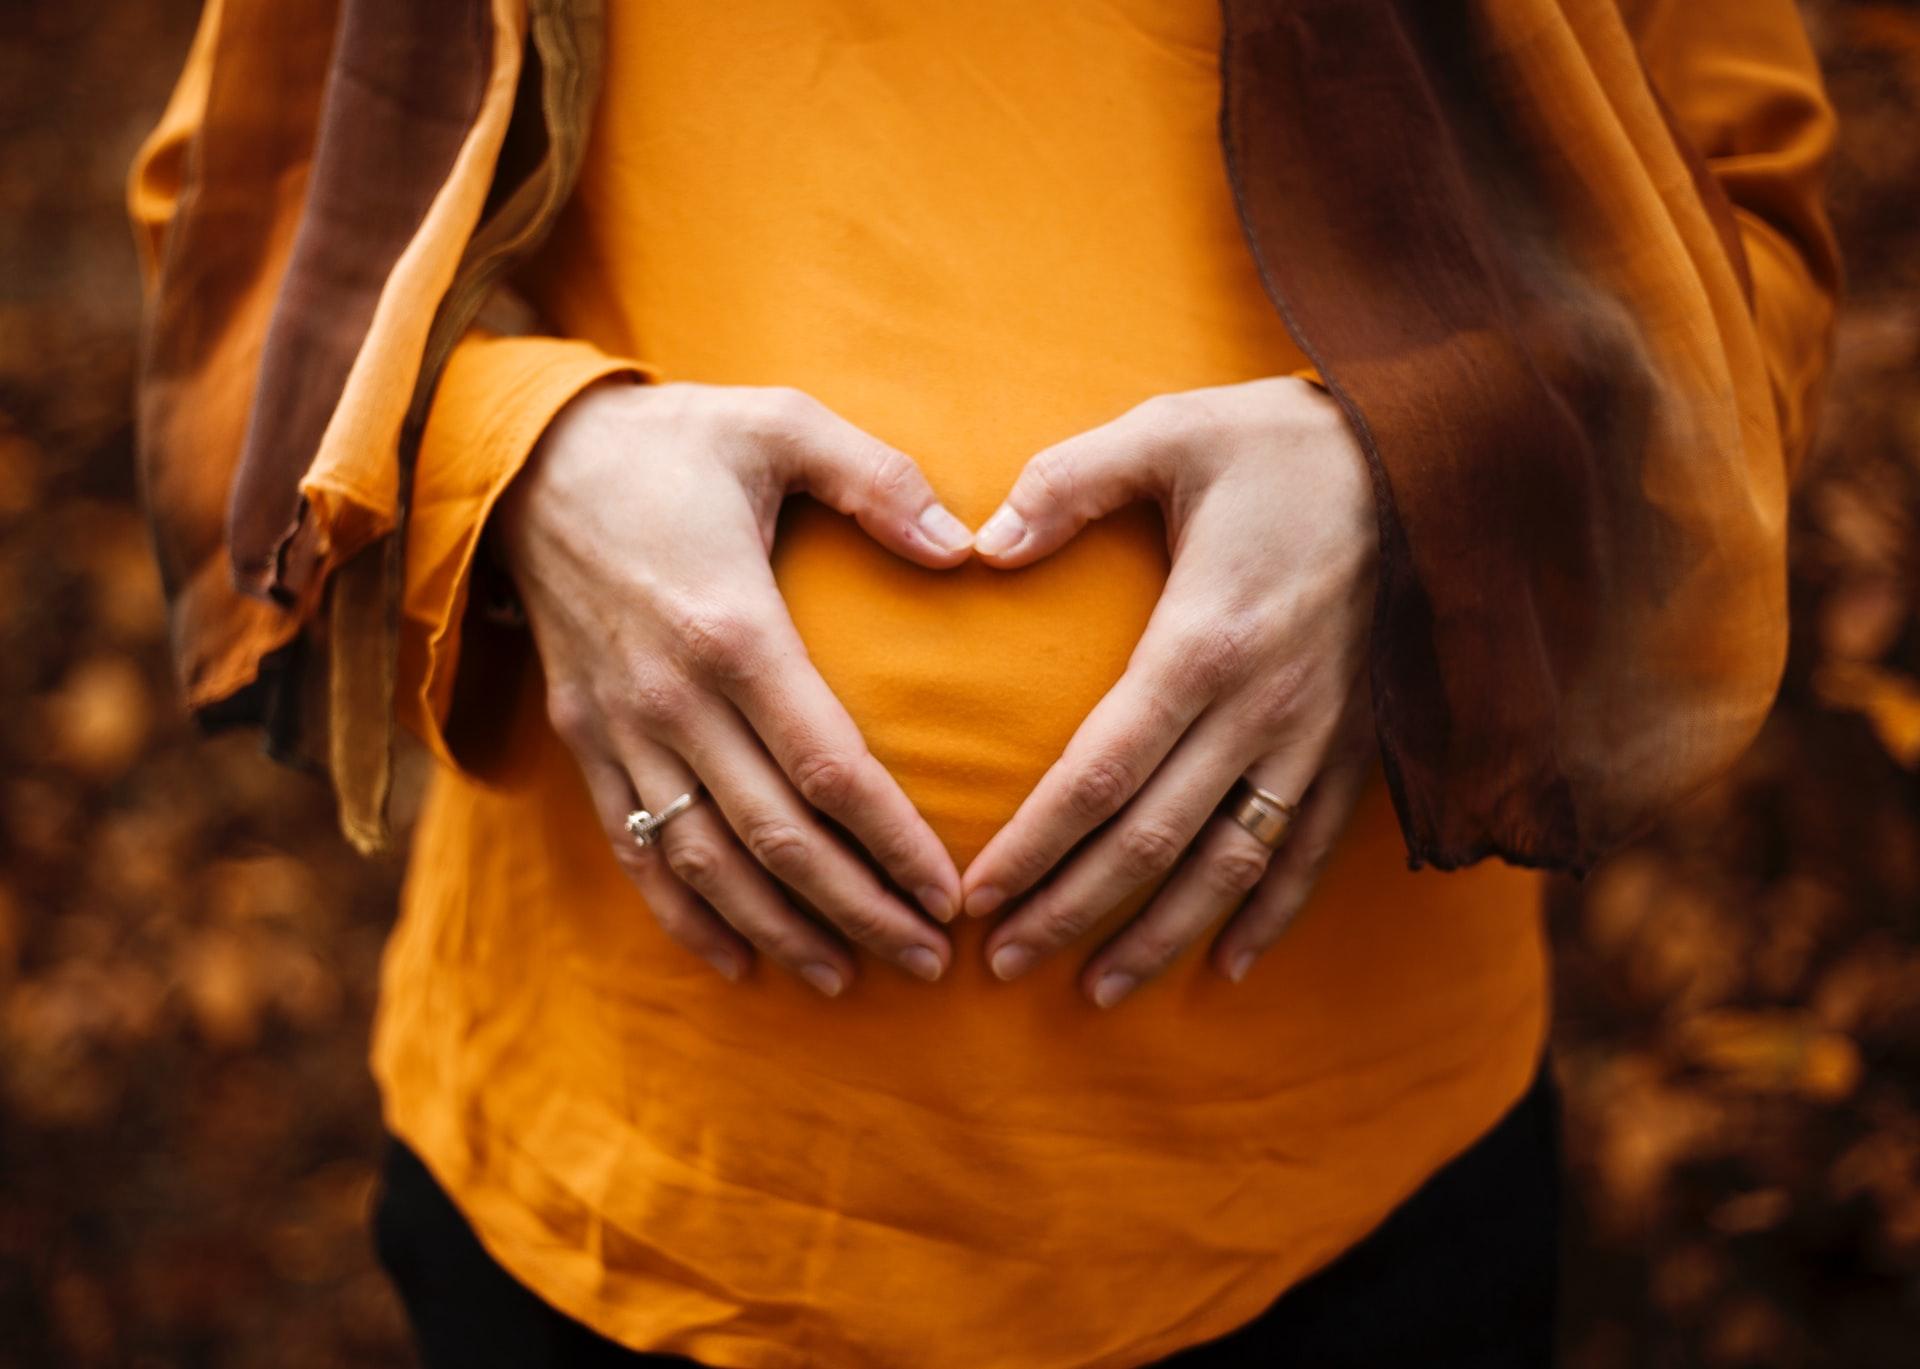 embarazo-se-contagia-22-de-mayo-2020